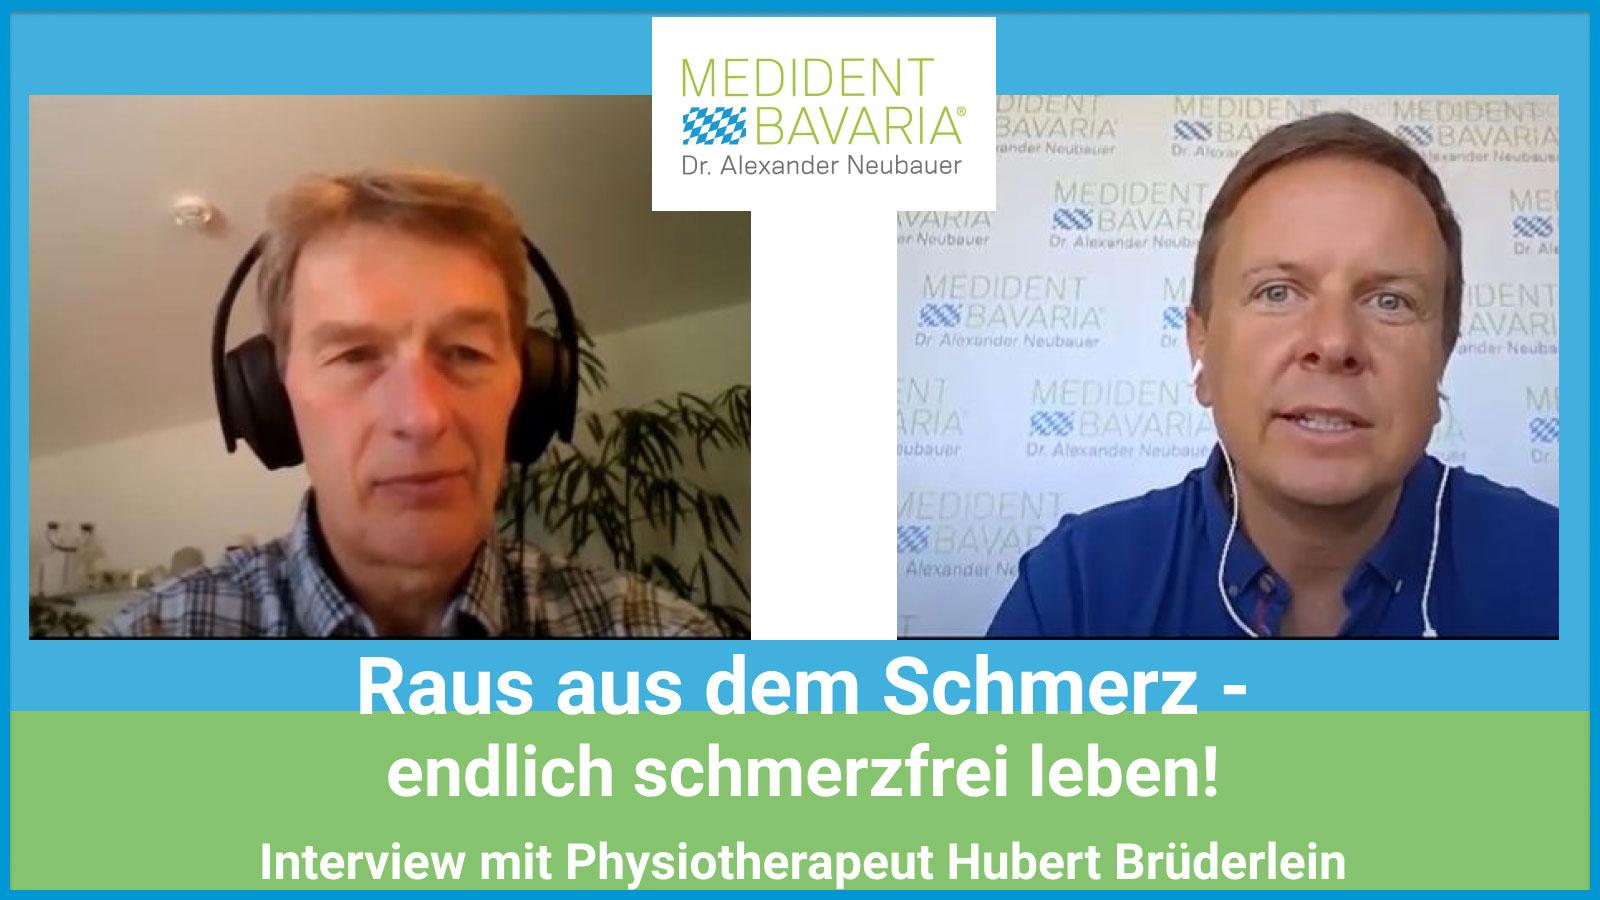 Raus aus dem Schmerz und endlich schmerzfrei leben!  Interview mit Physiotherapeut Hubert Brüderlein